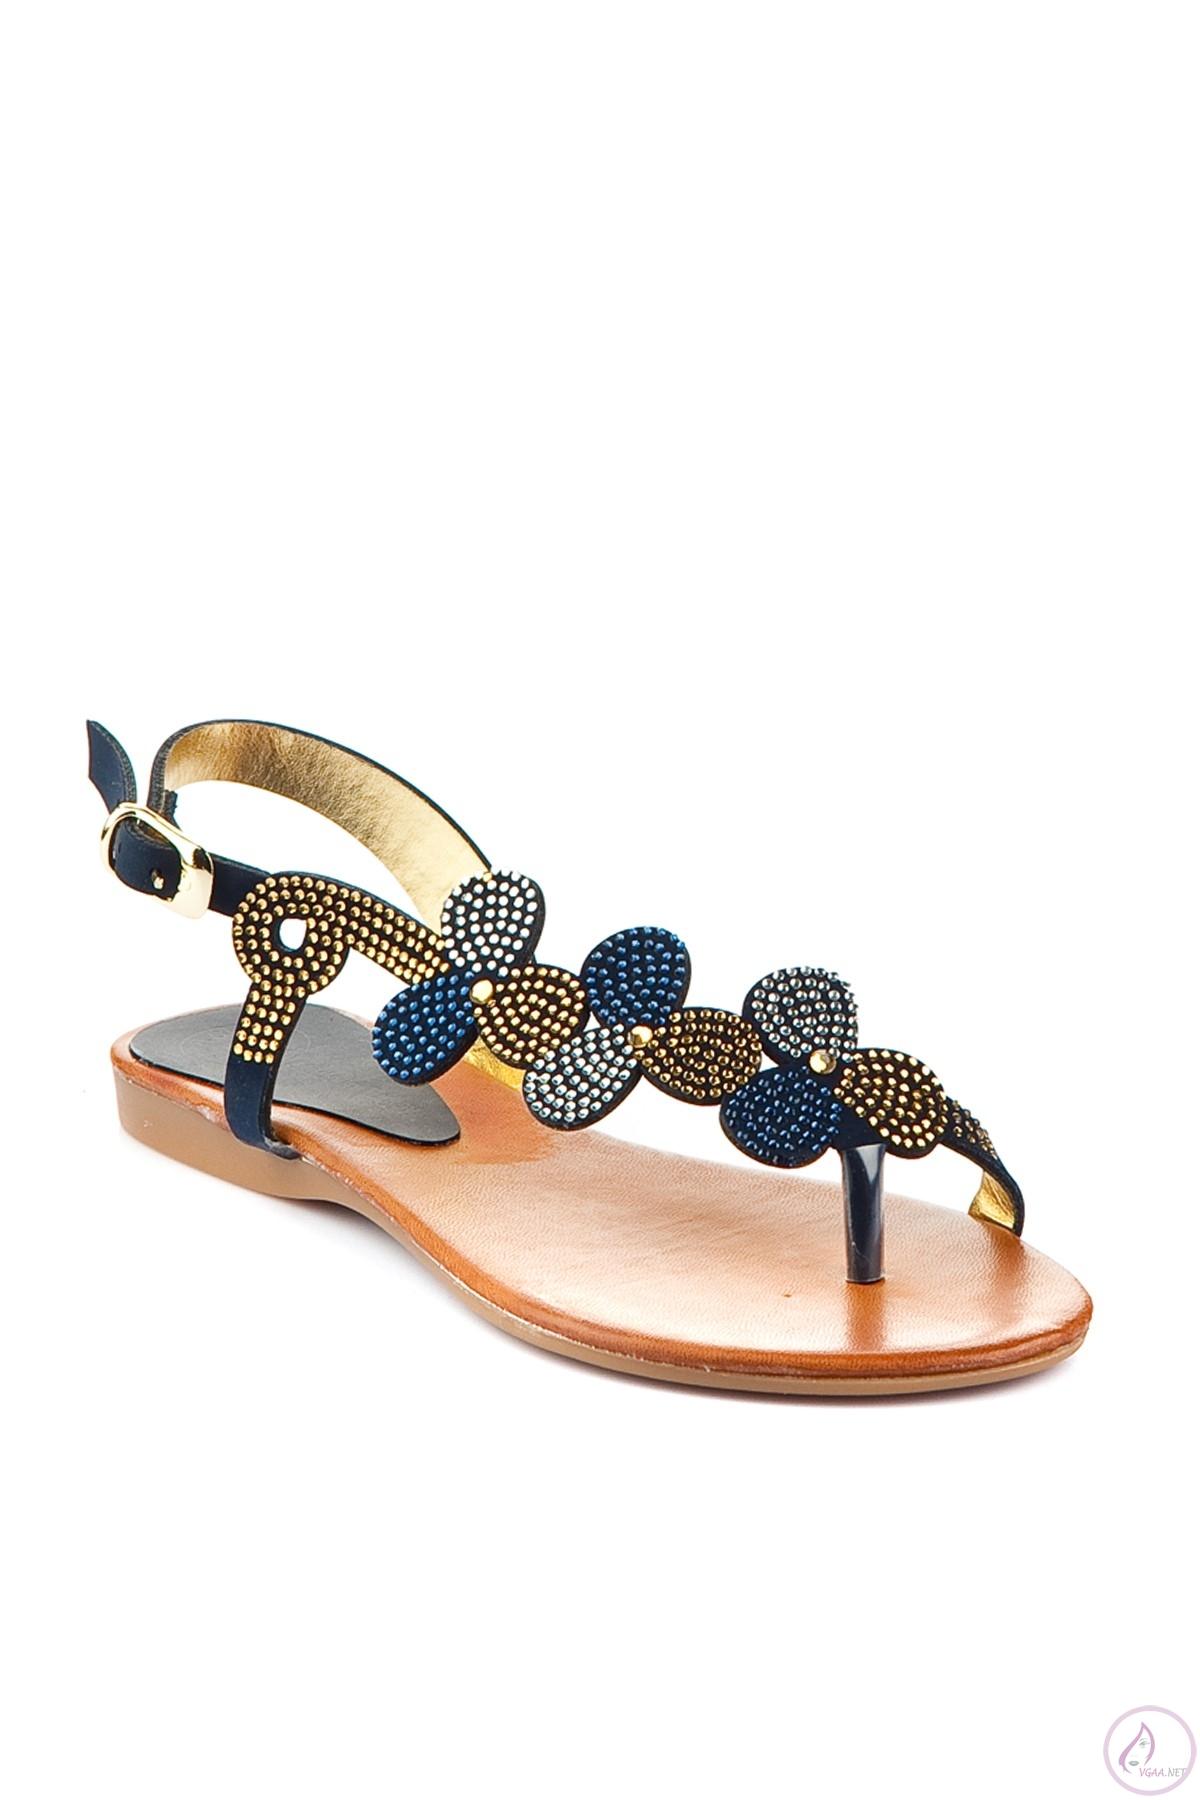 2014-sandalet-modeller-31